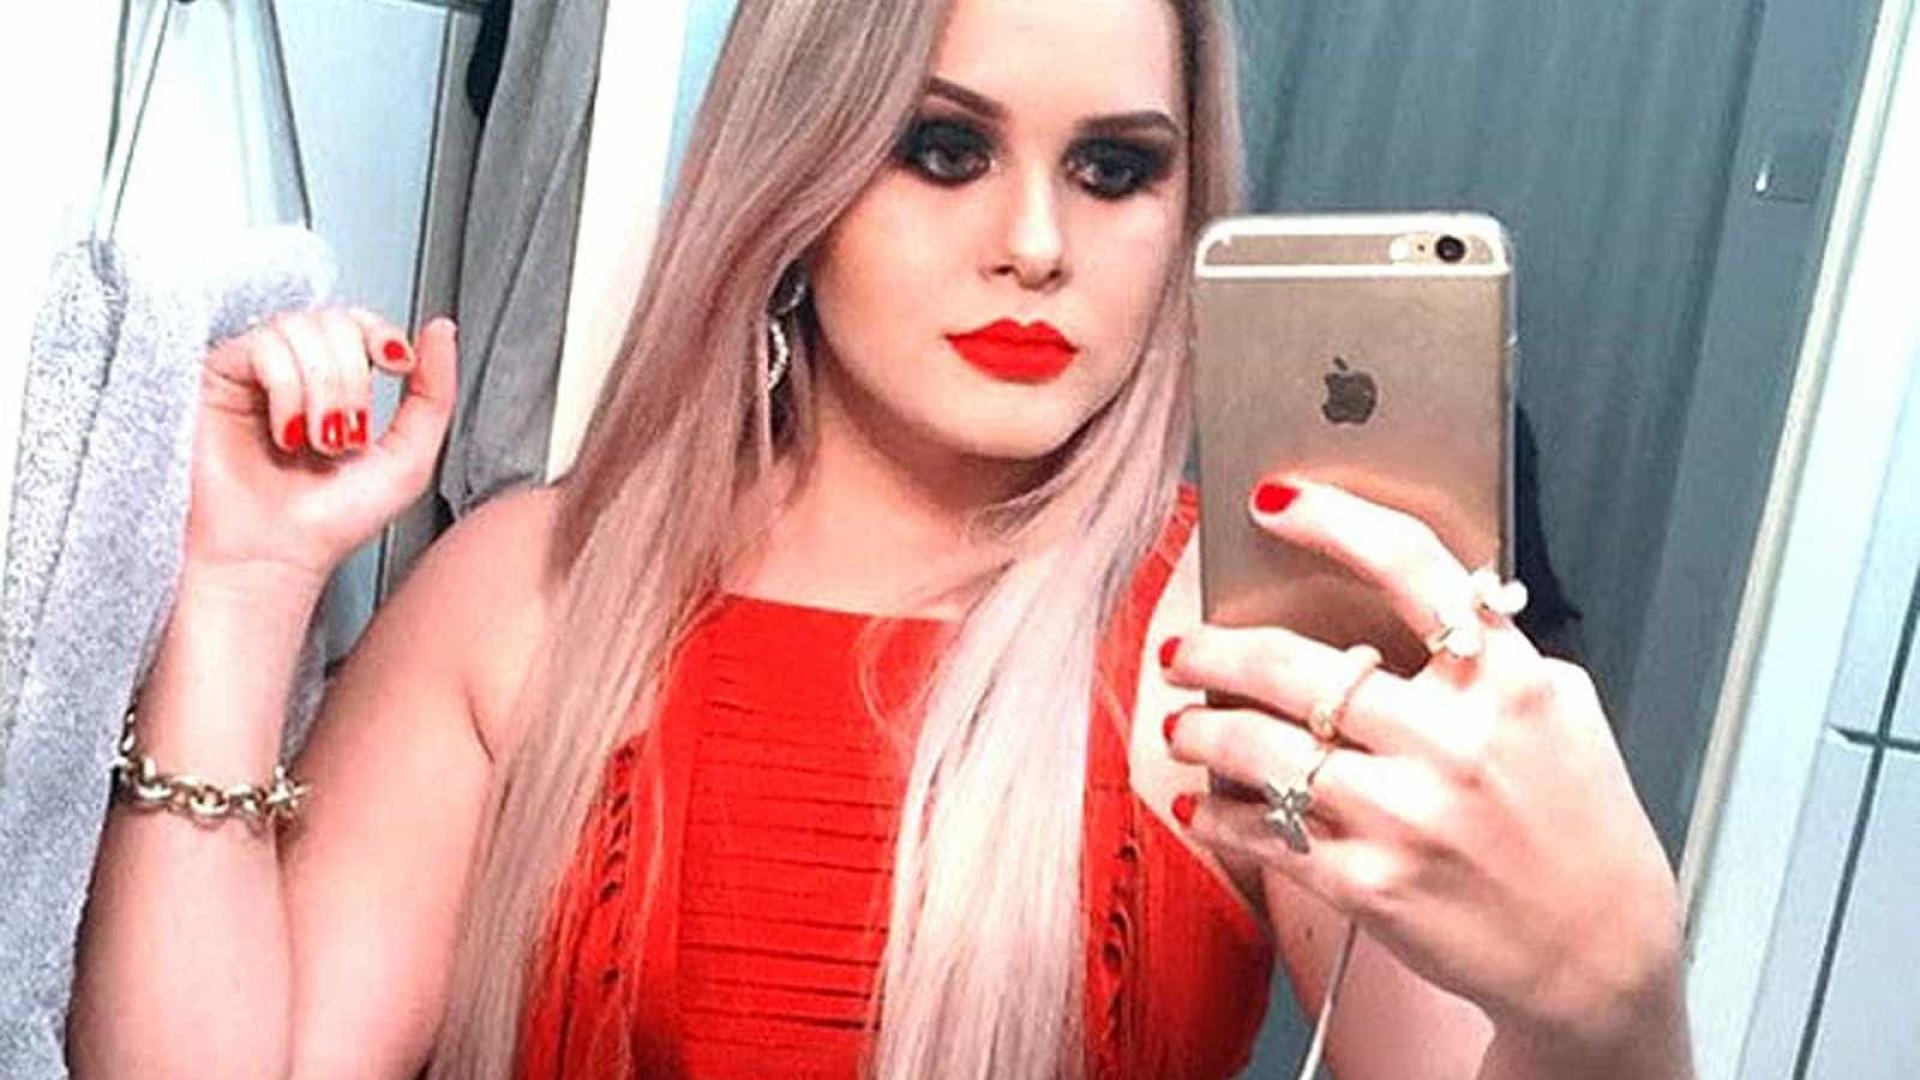 Em prisão domiciliar, 'ex-prefeita-ostentação' mostra passeios na web